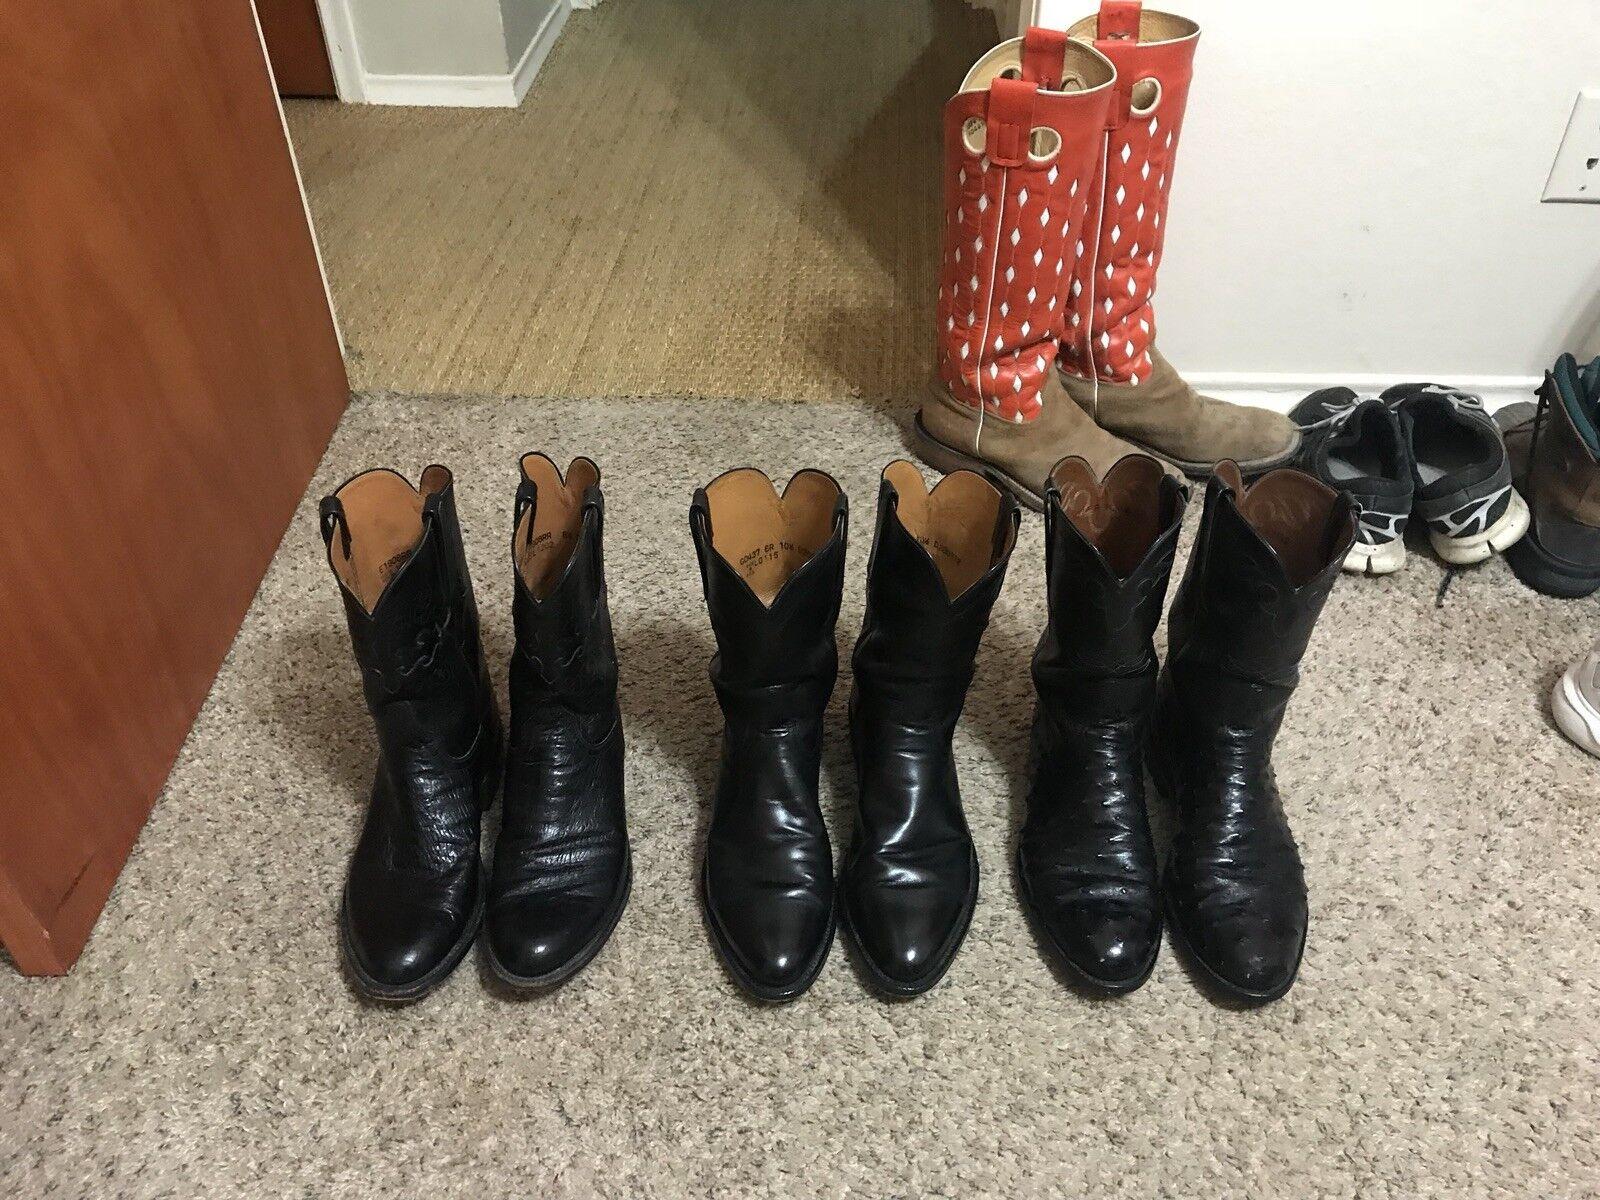 Lucchese Cowboy botas para hombre